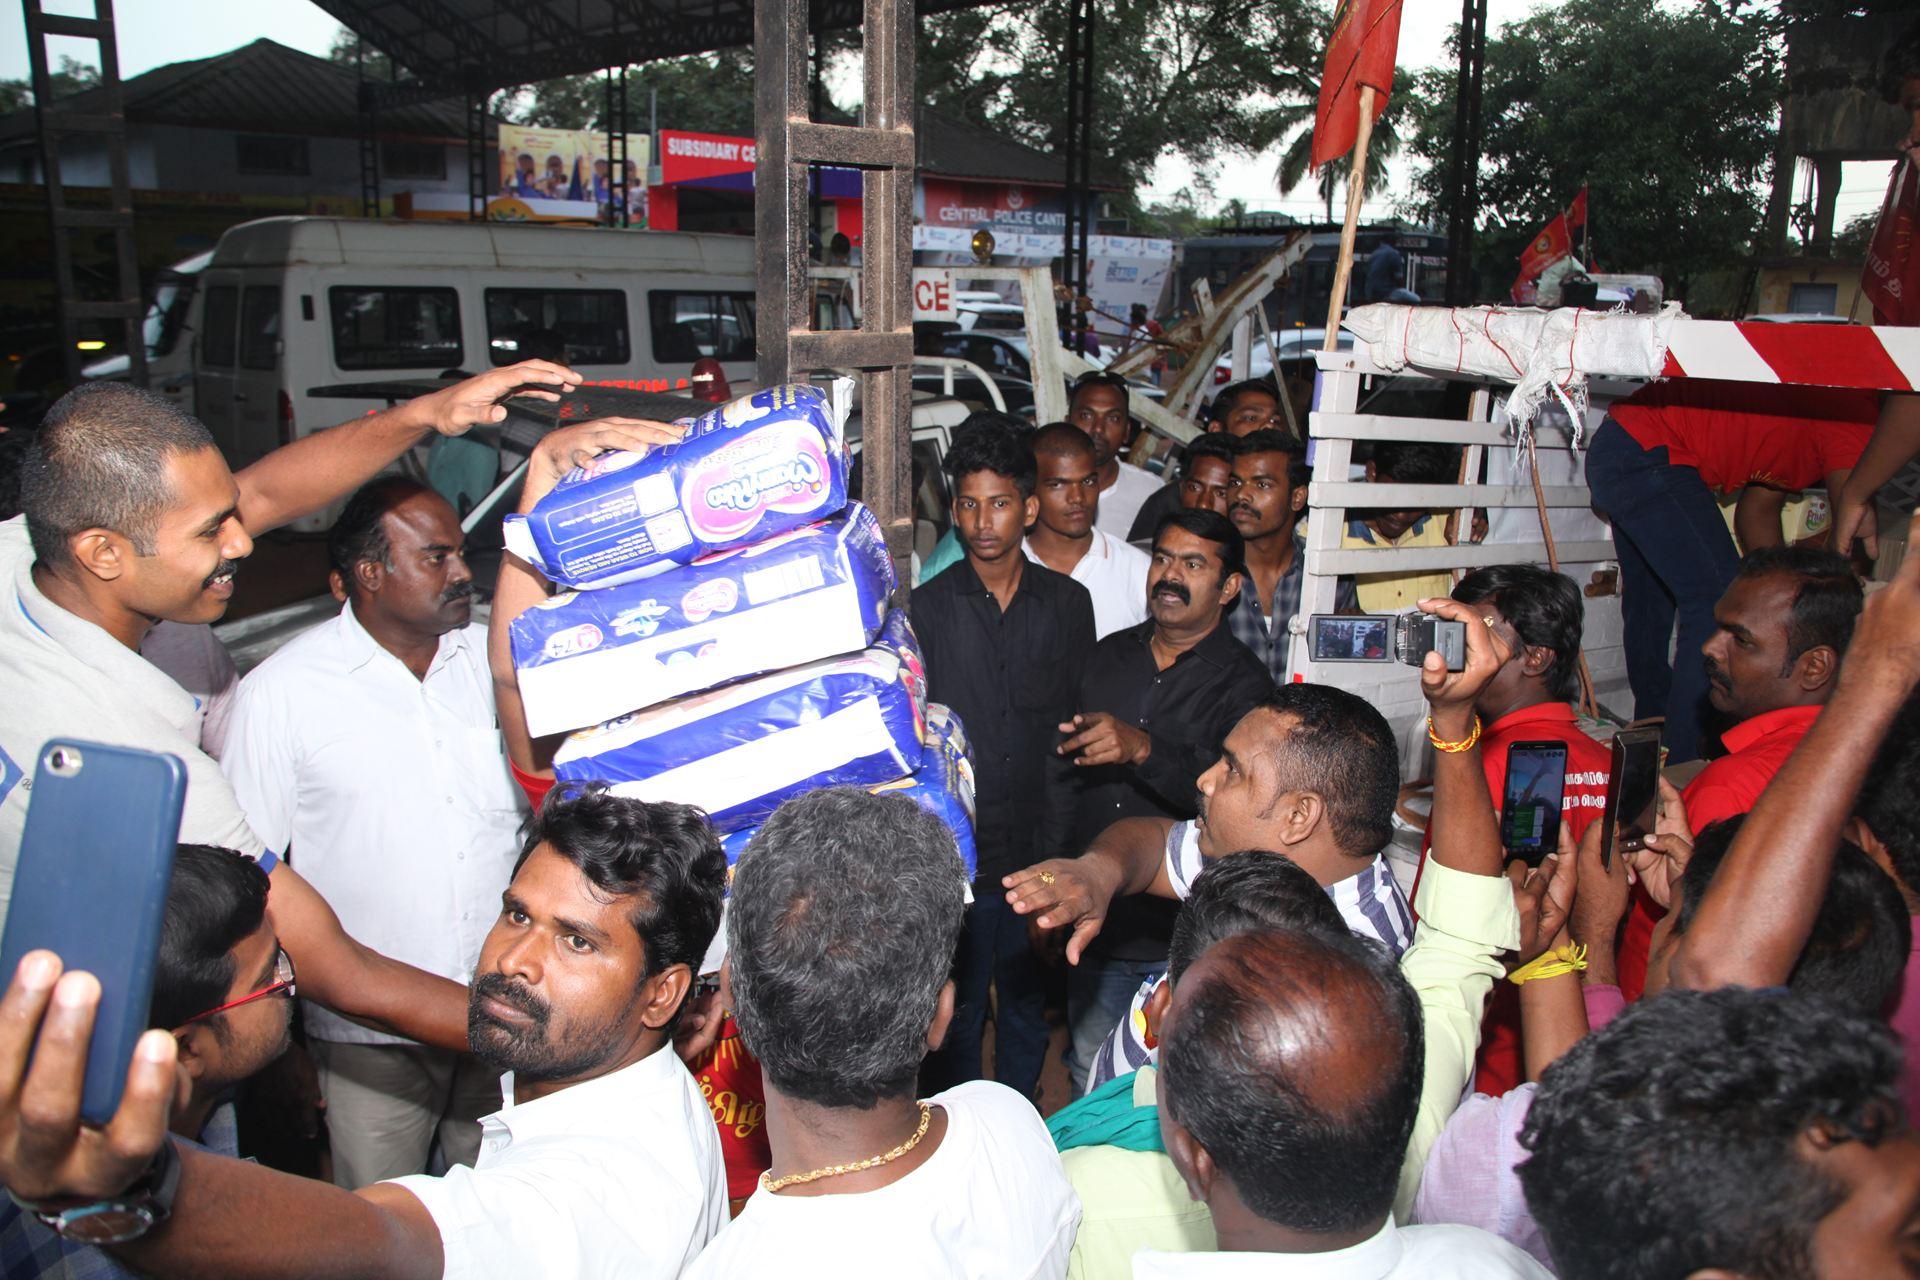 வெள்ள நிவாரணப் பொருட்களை வழங்கச் சென்ற சீமானிடம் கேரள காவல்துறையினர் விசாரணை naam tamilar katchi seeman visits kerala flood affected area flood relief campaign kottayam sanganasery camp 3